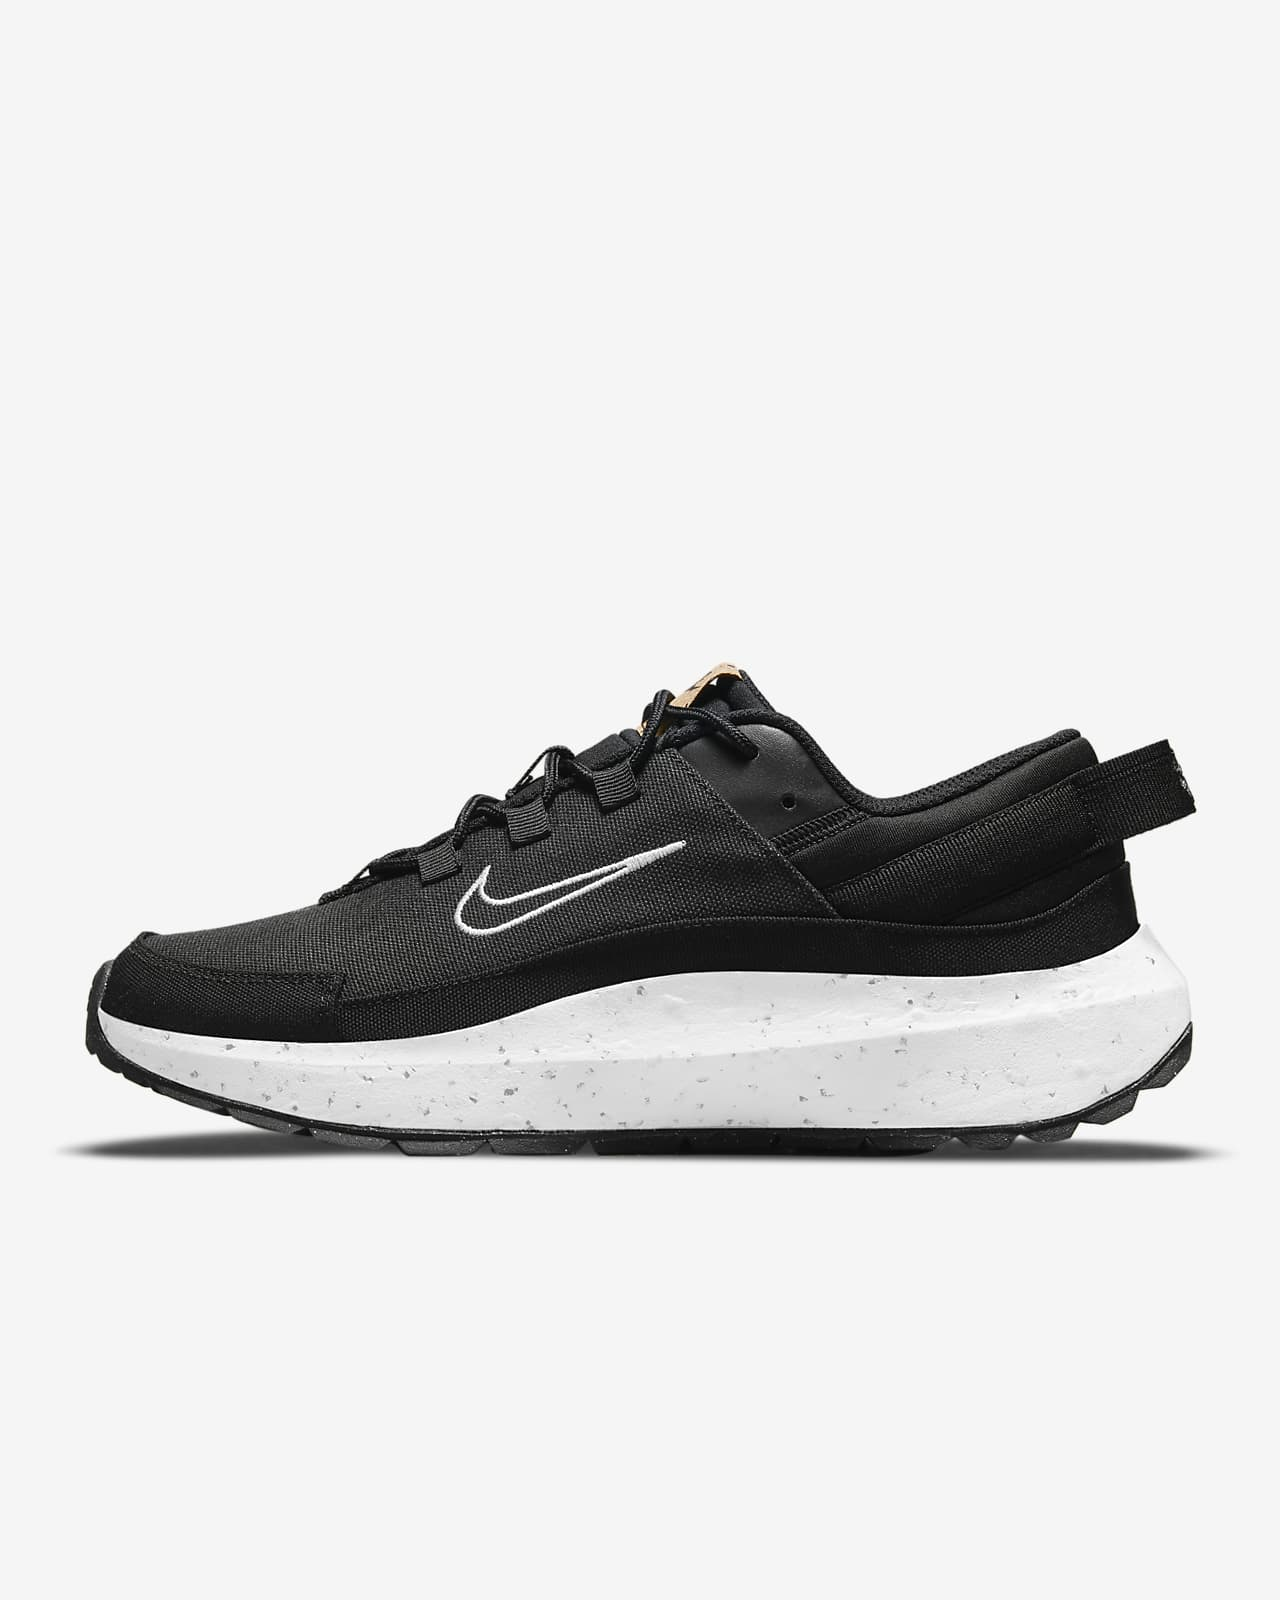 Sapatilhas Nike Crater Remixa para mulher